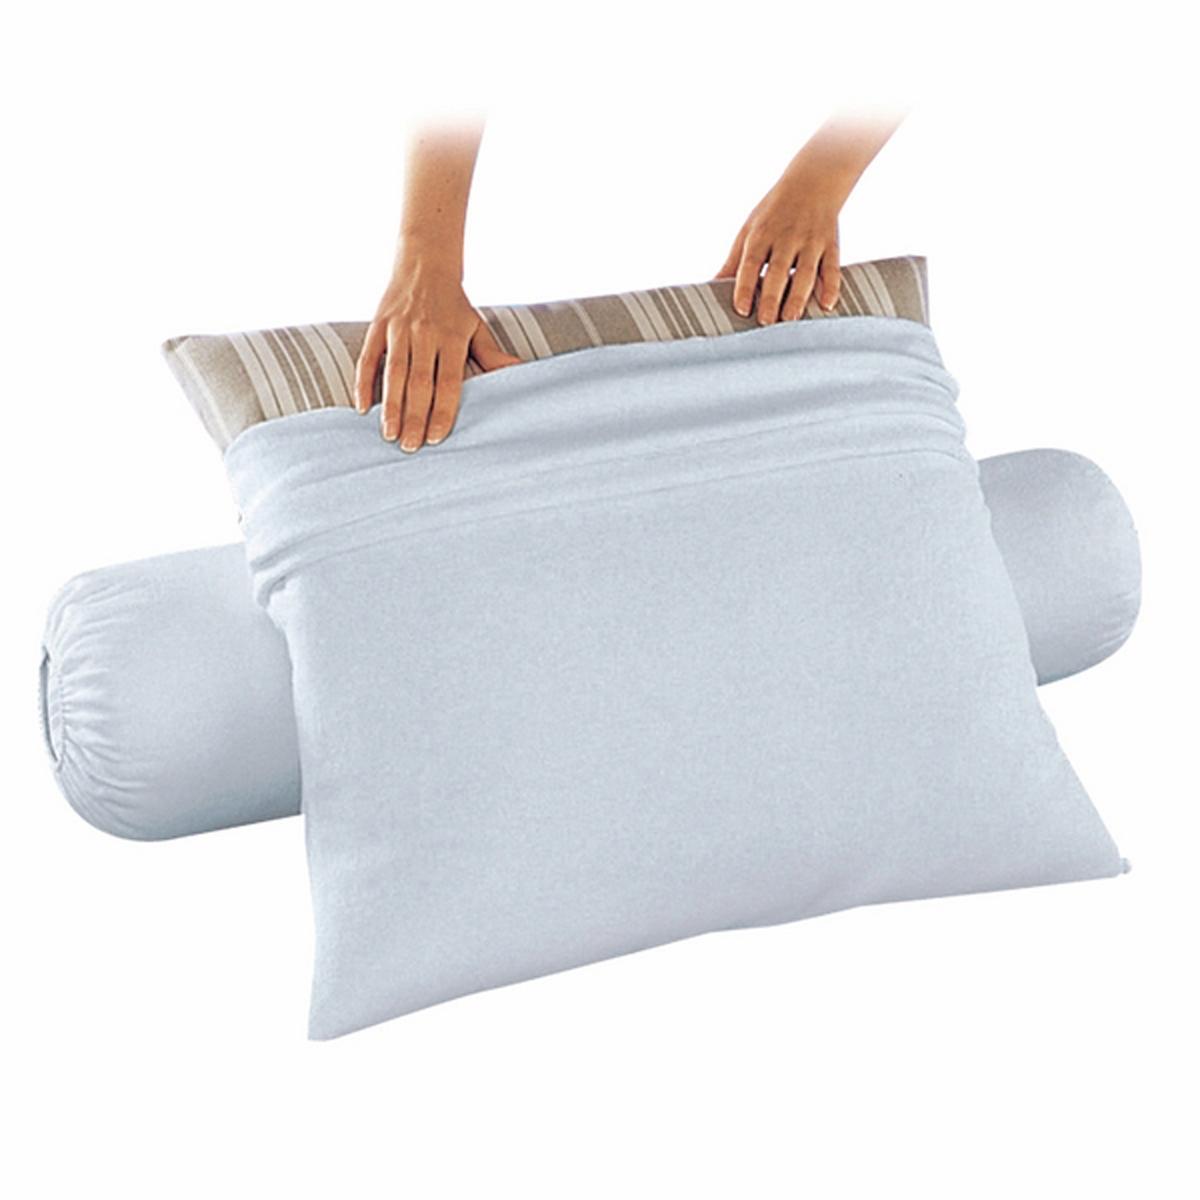 Чехол защитный для подушки из стретч-мольтона, водонепроницаемый чехол защитный на матрас из мольтона 220 г м²